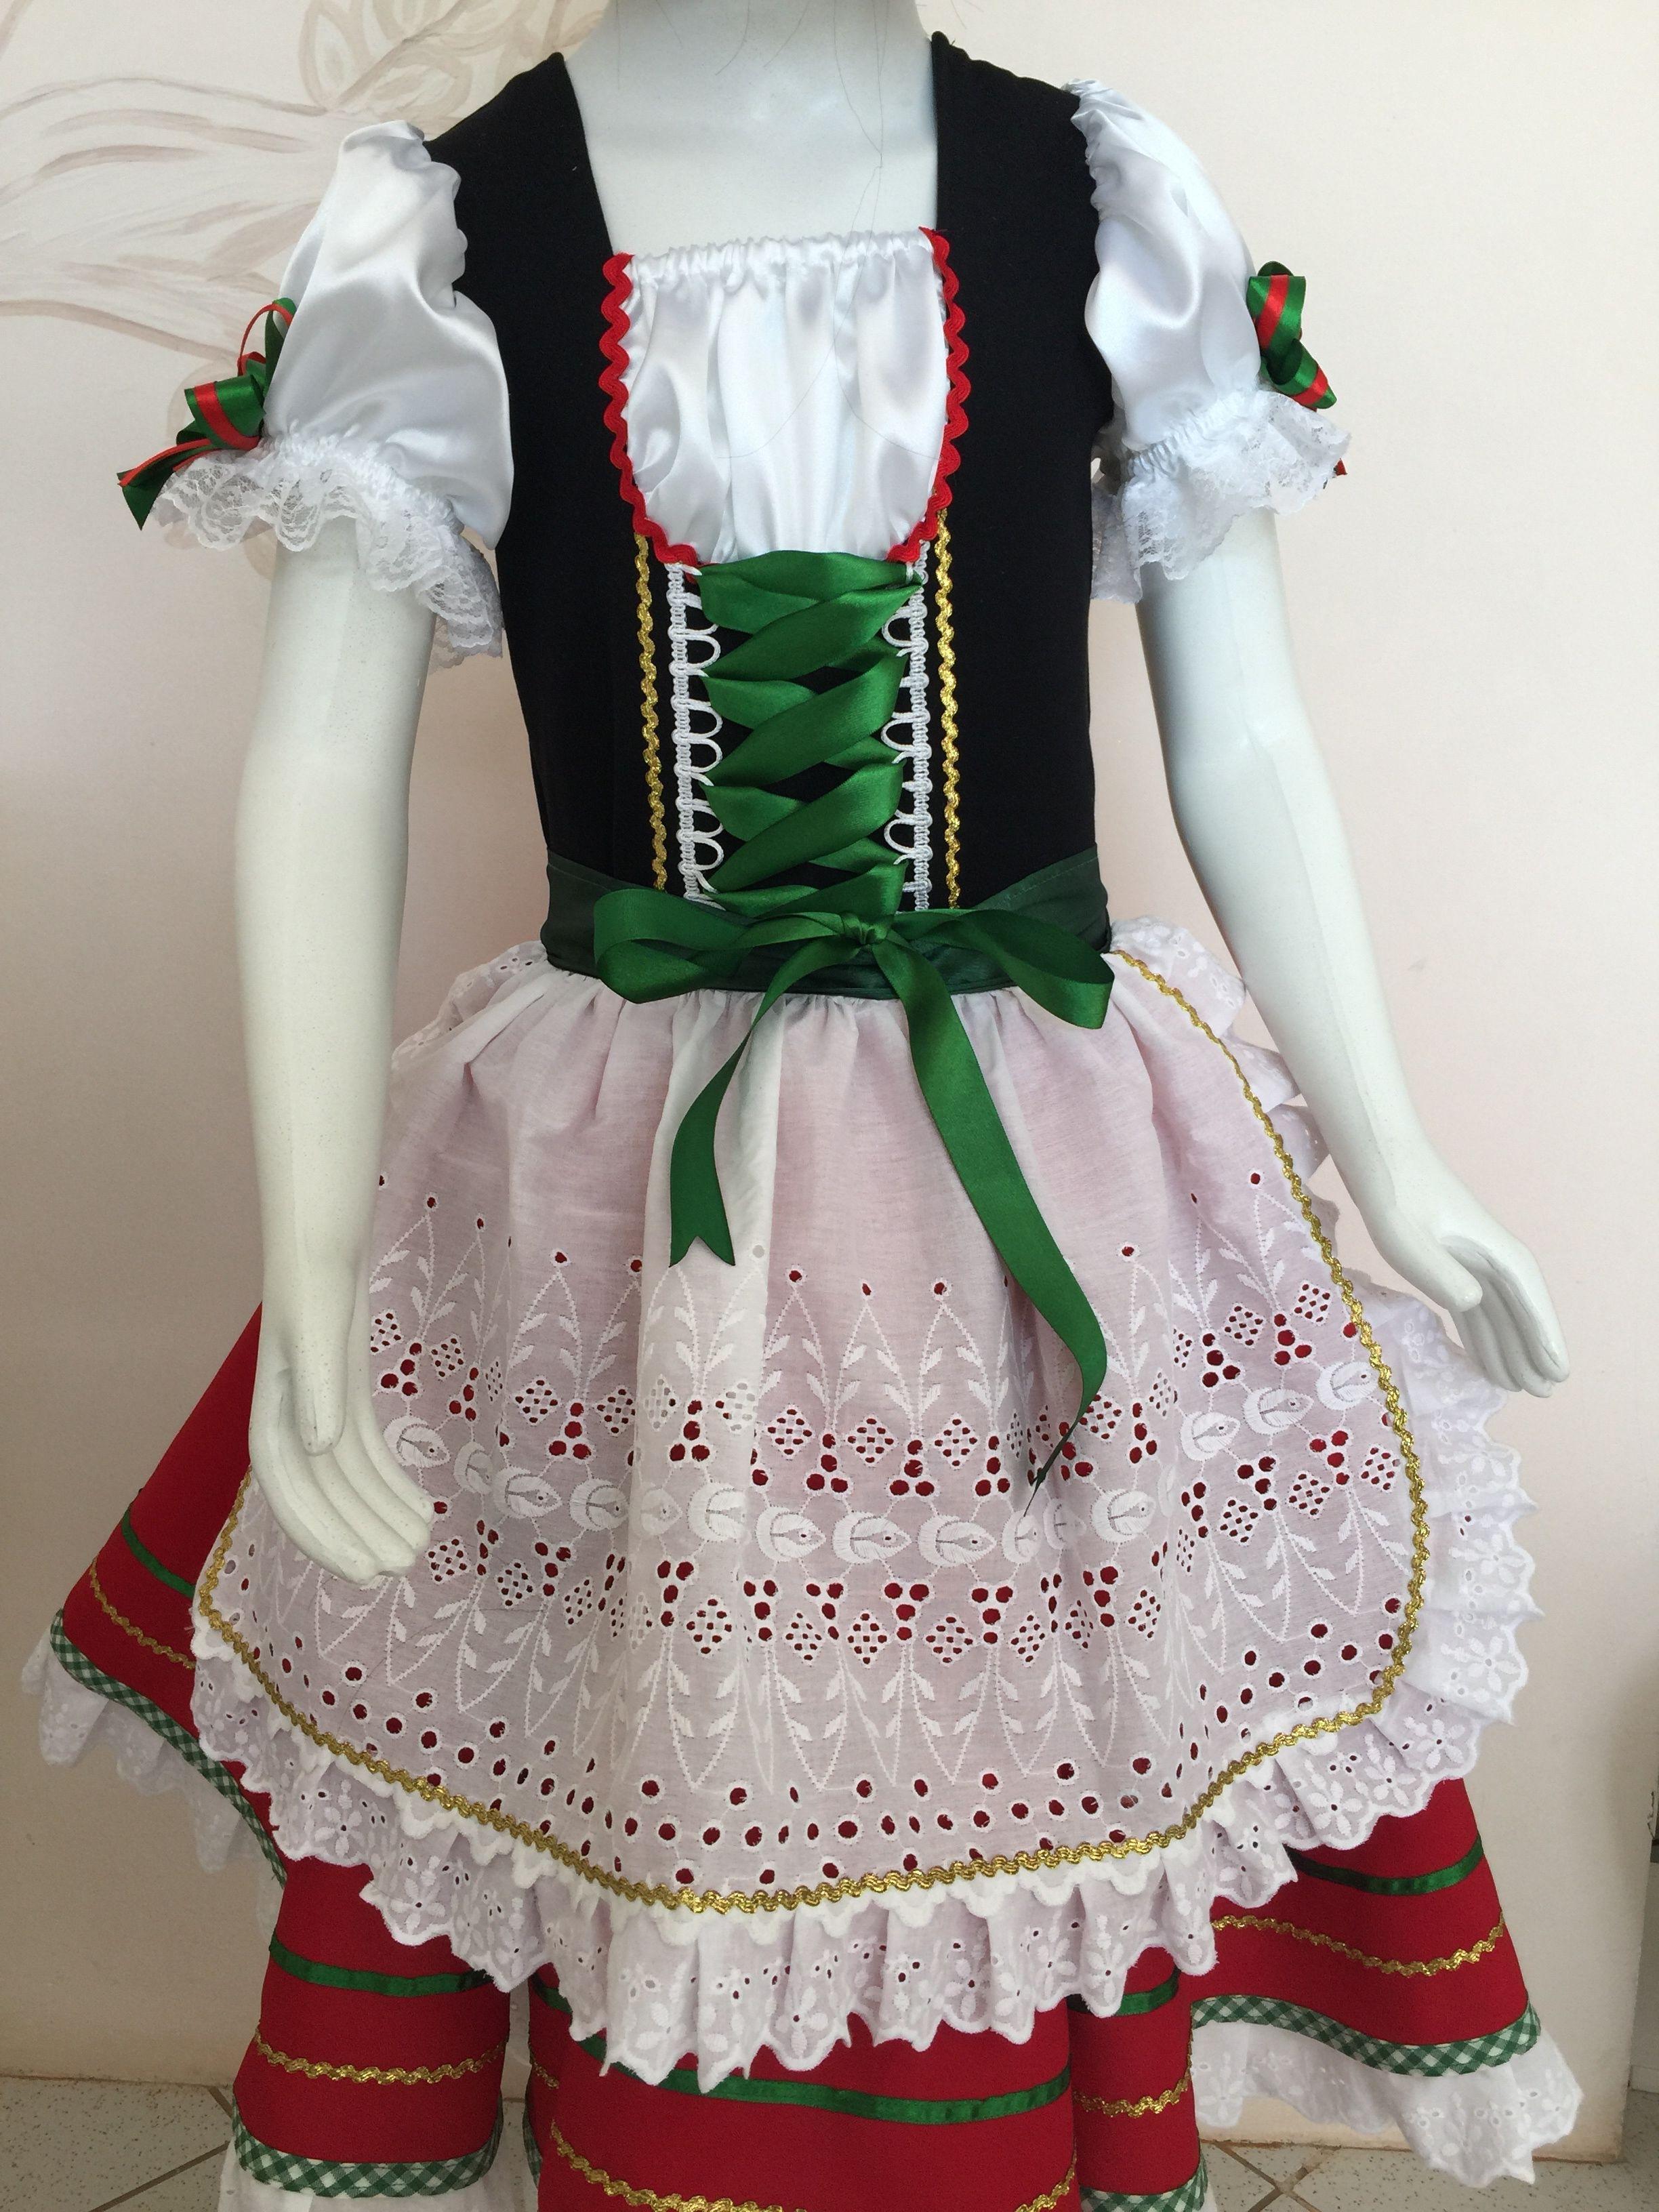 Fabuloso roupa tipica italiana feminina - Pesquisa Google | A Doll's House  GG45